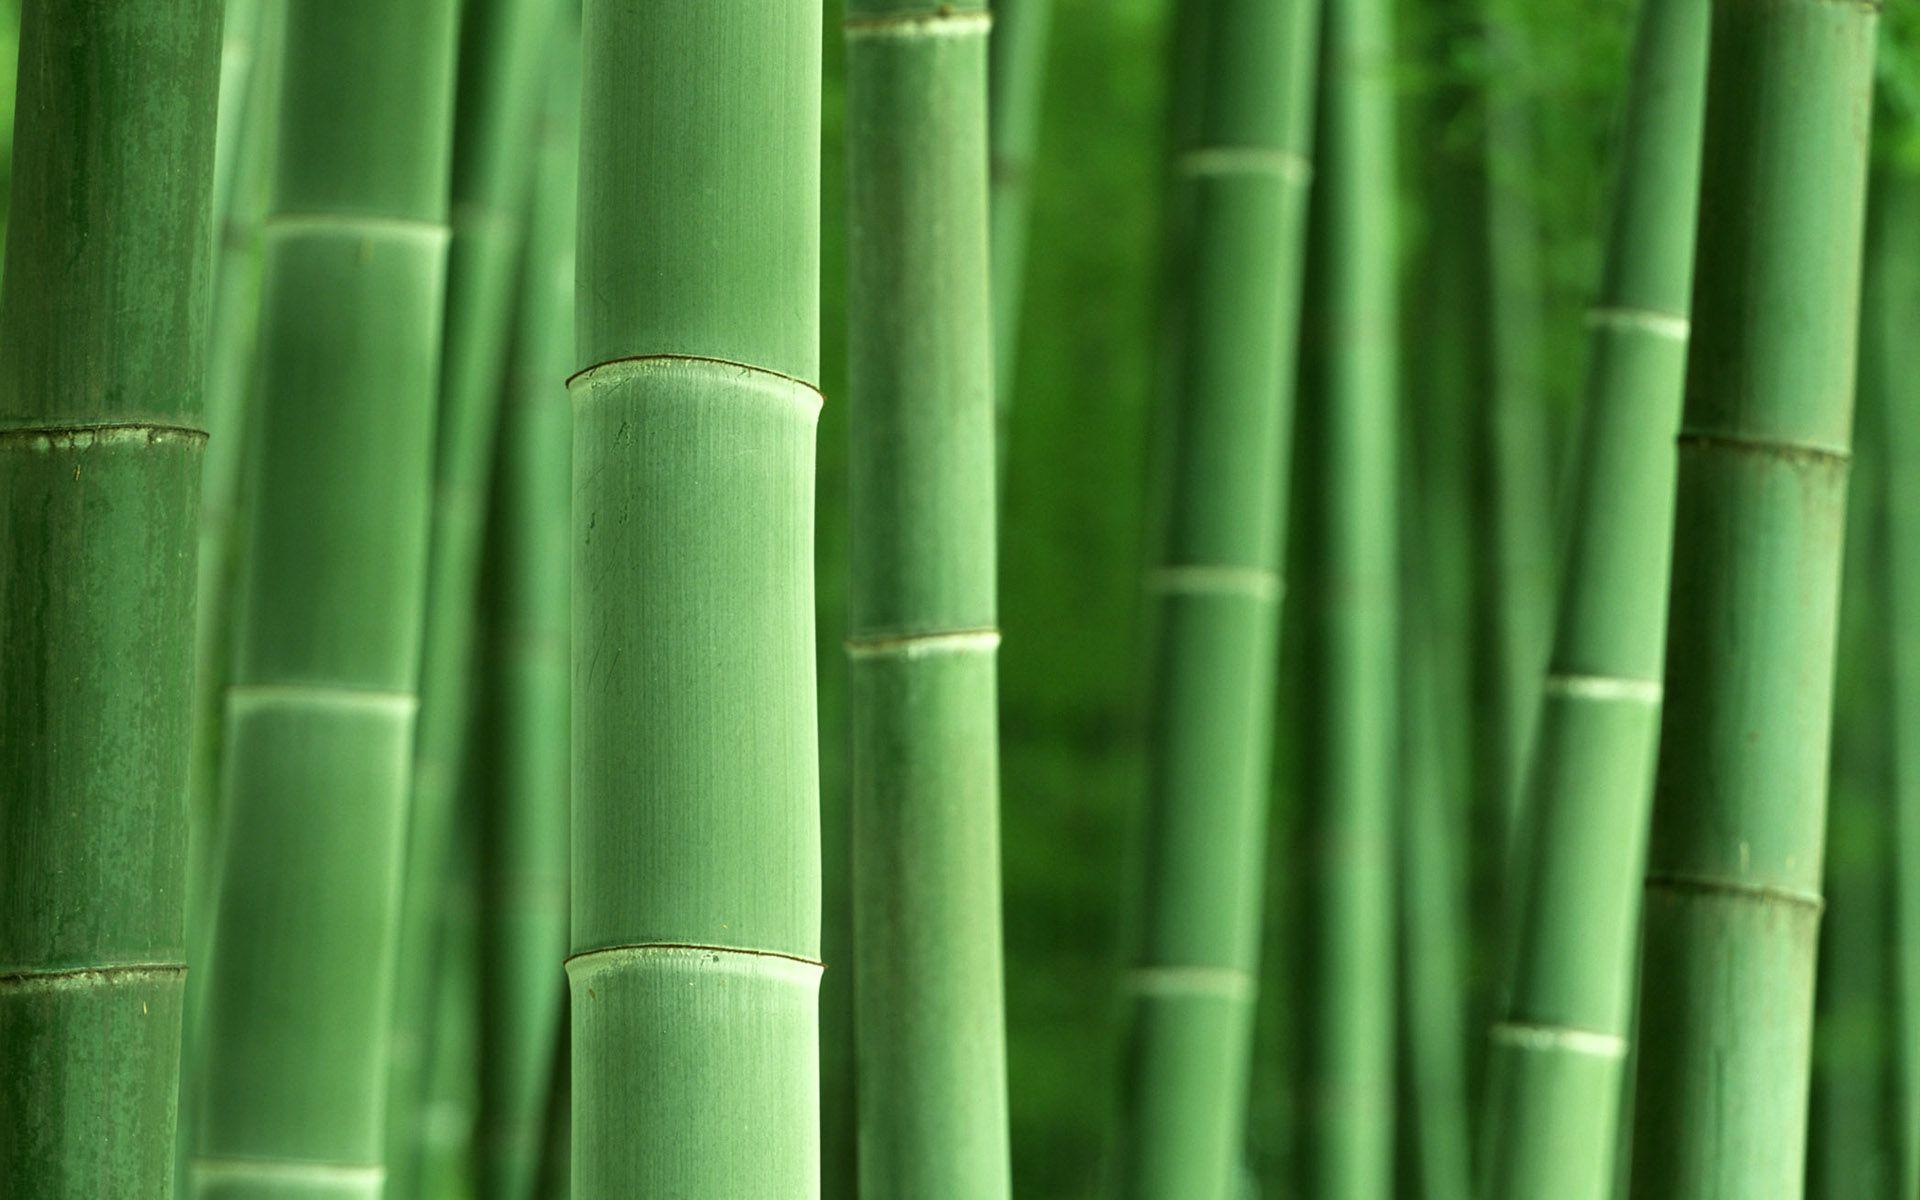 bamboo background nineteen photo - photo #41